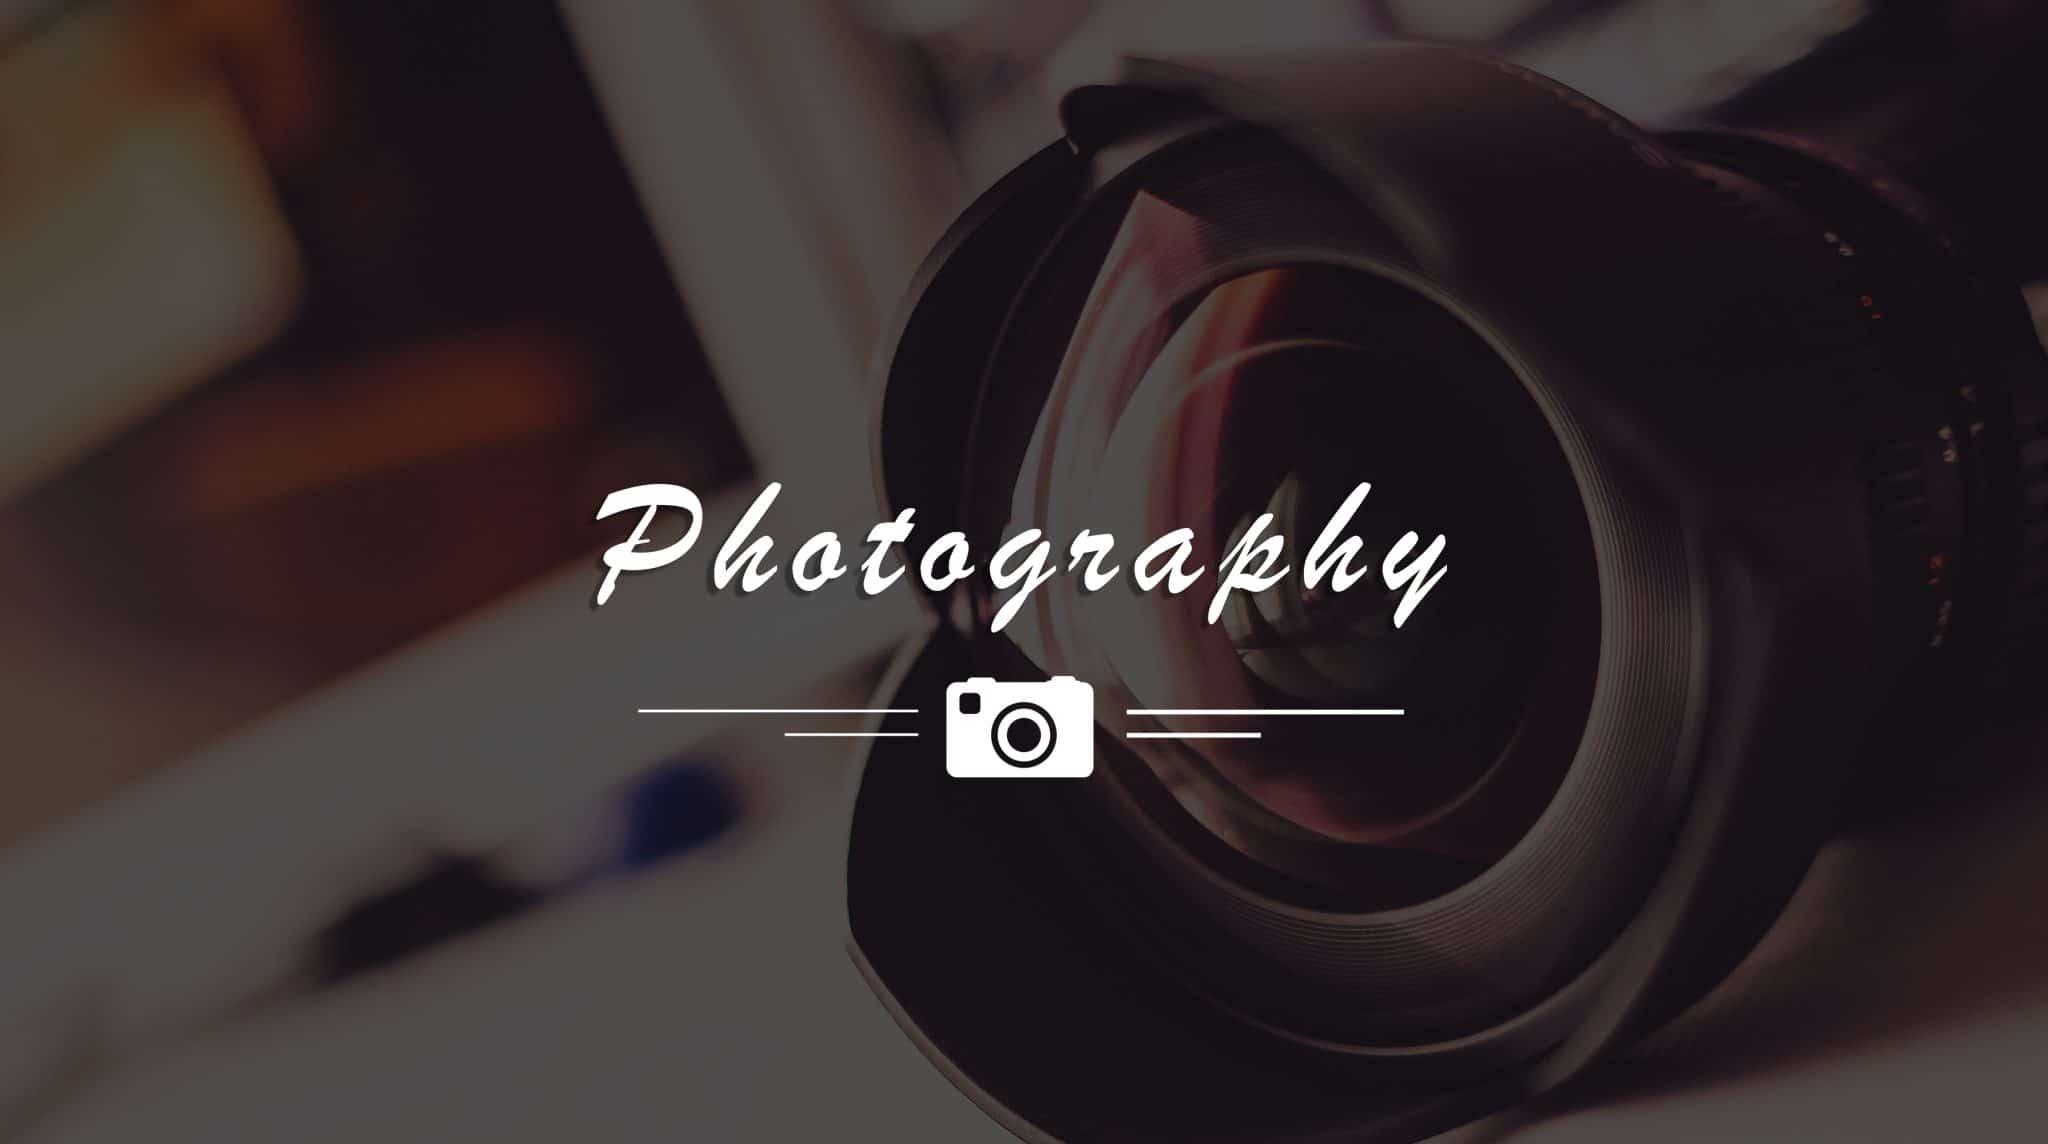 3 gợi ý chụp ảnh nghệ thuật đẹp 01